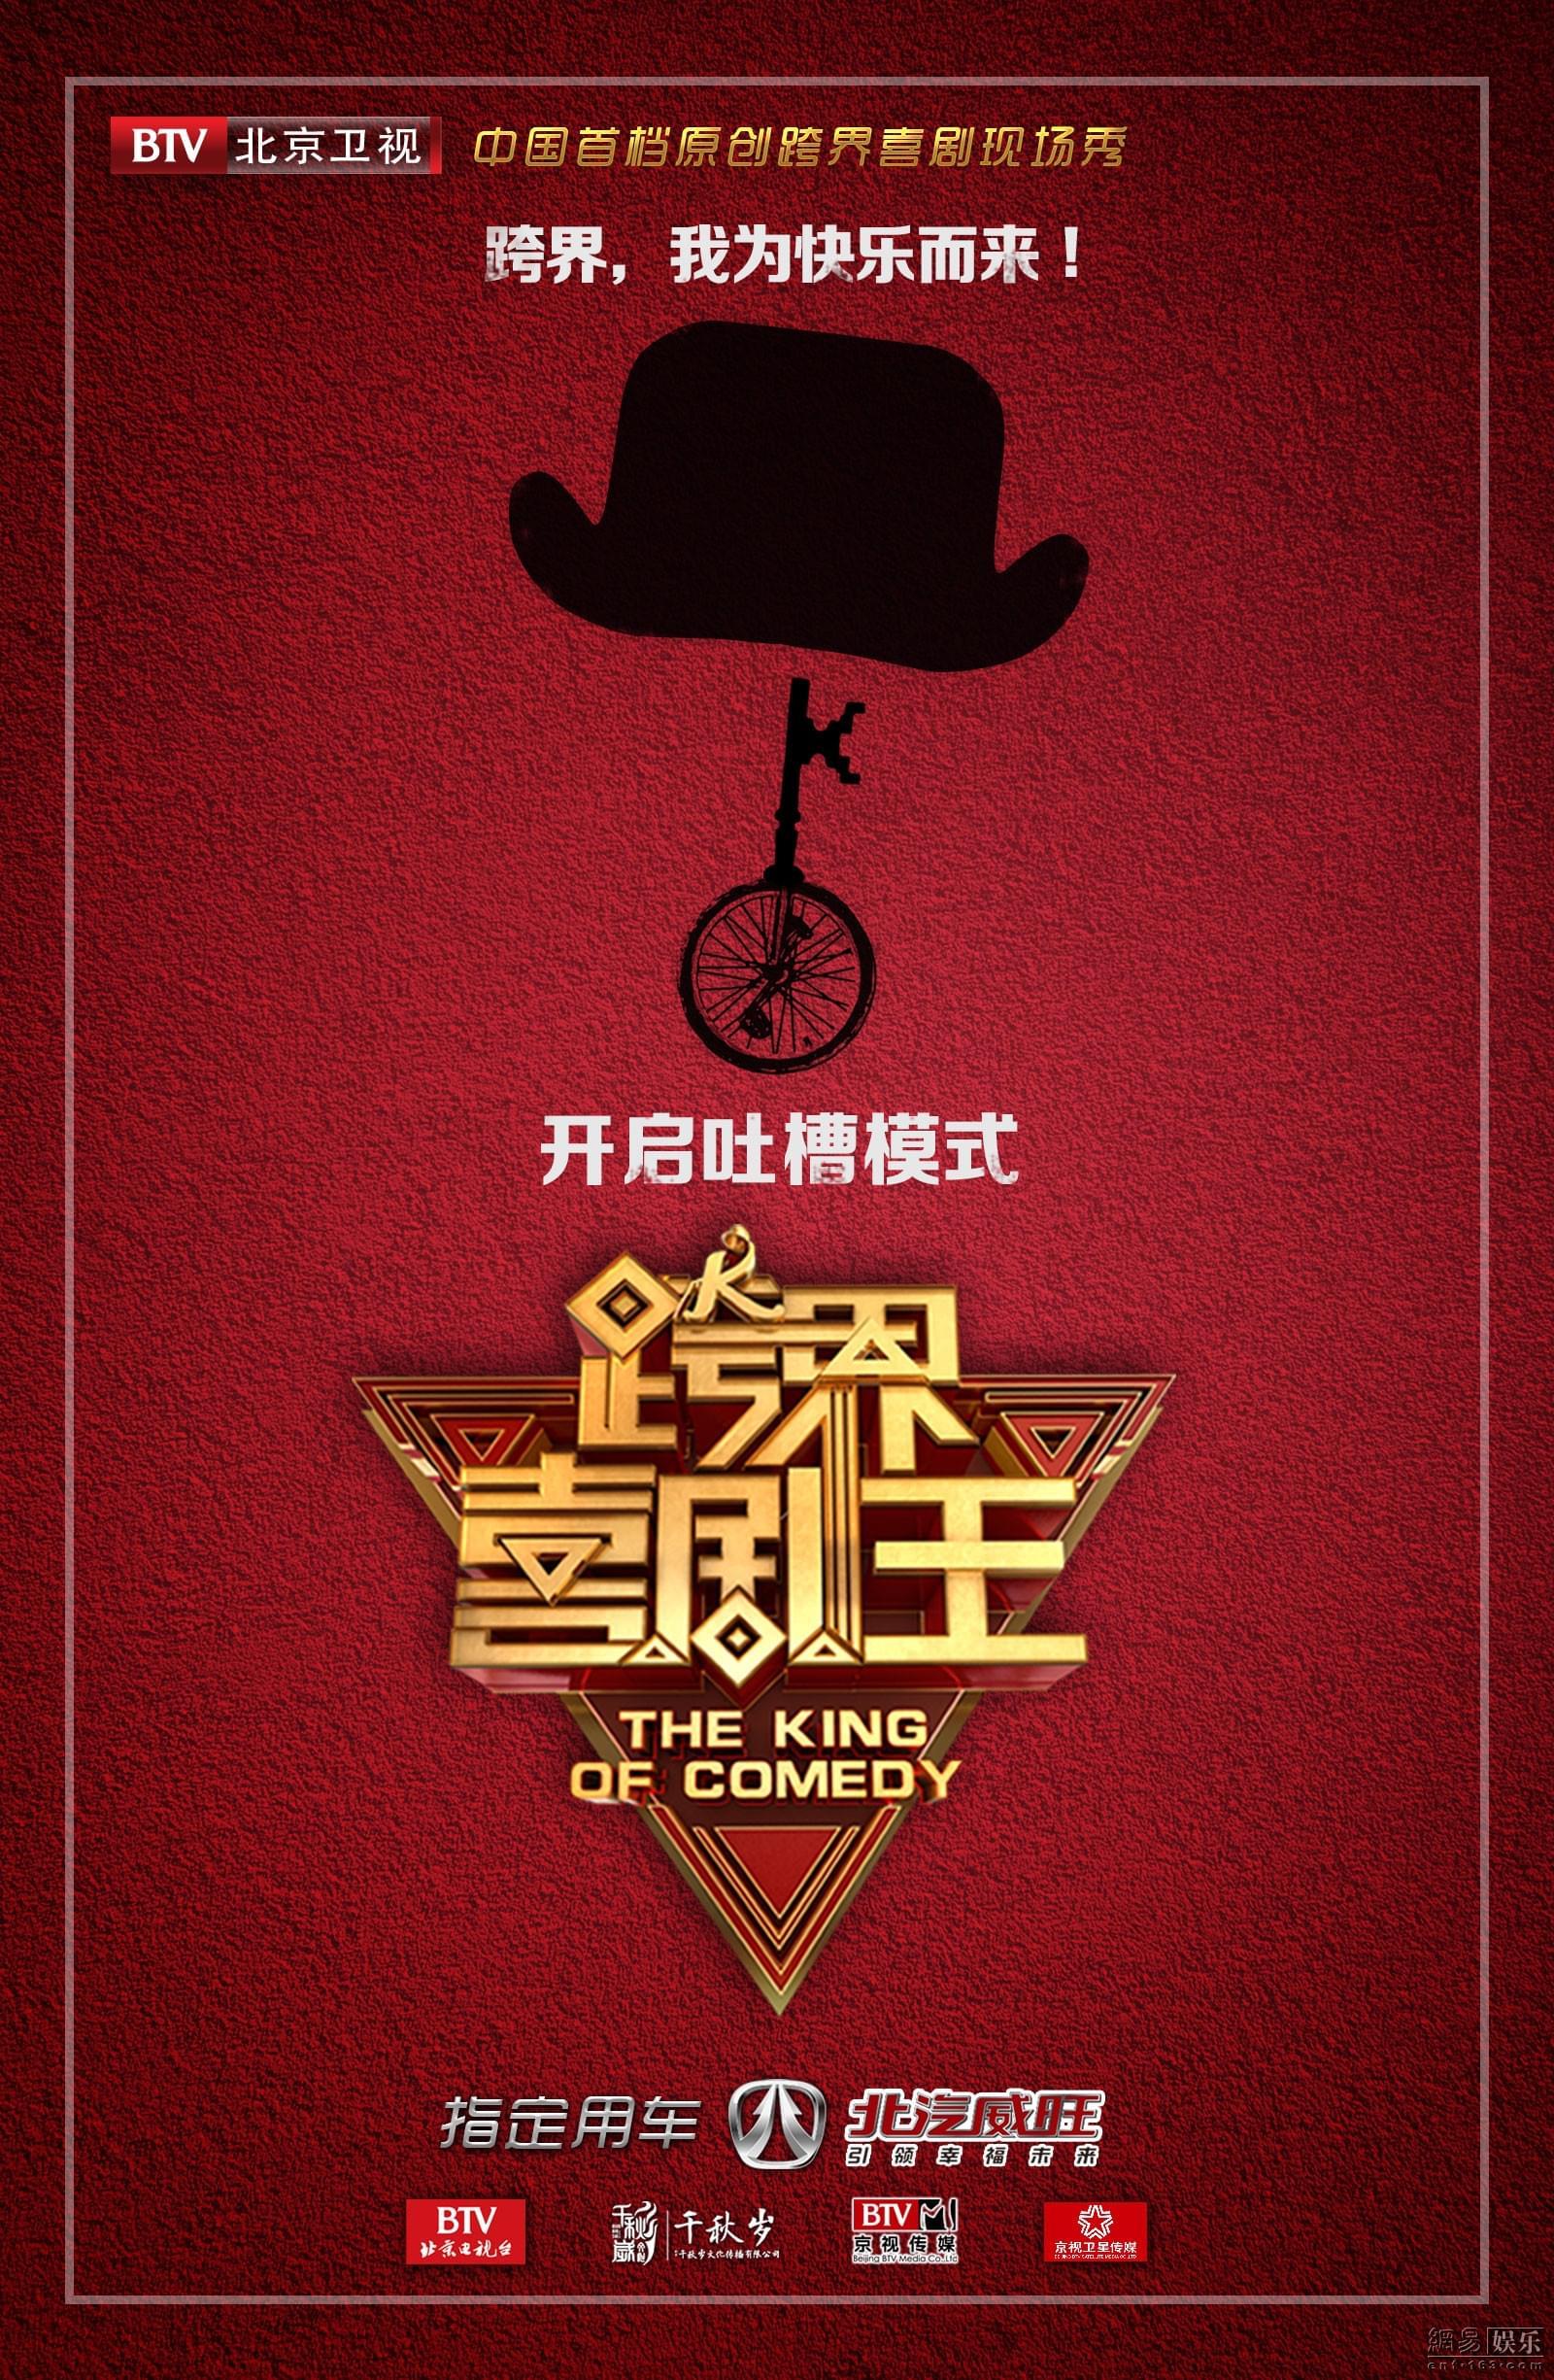 《跨界喜剧王》第二季概念海报曝光  引期待